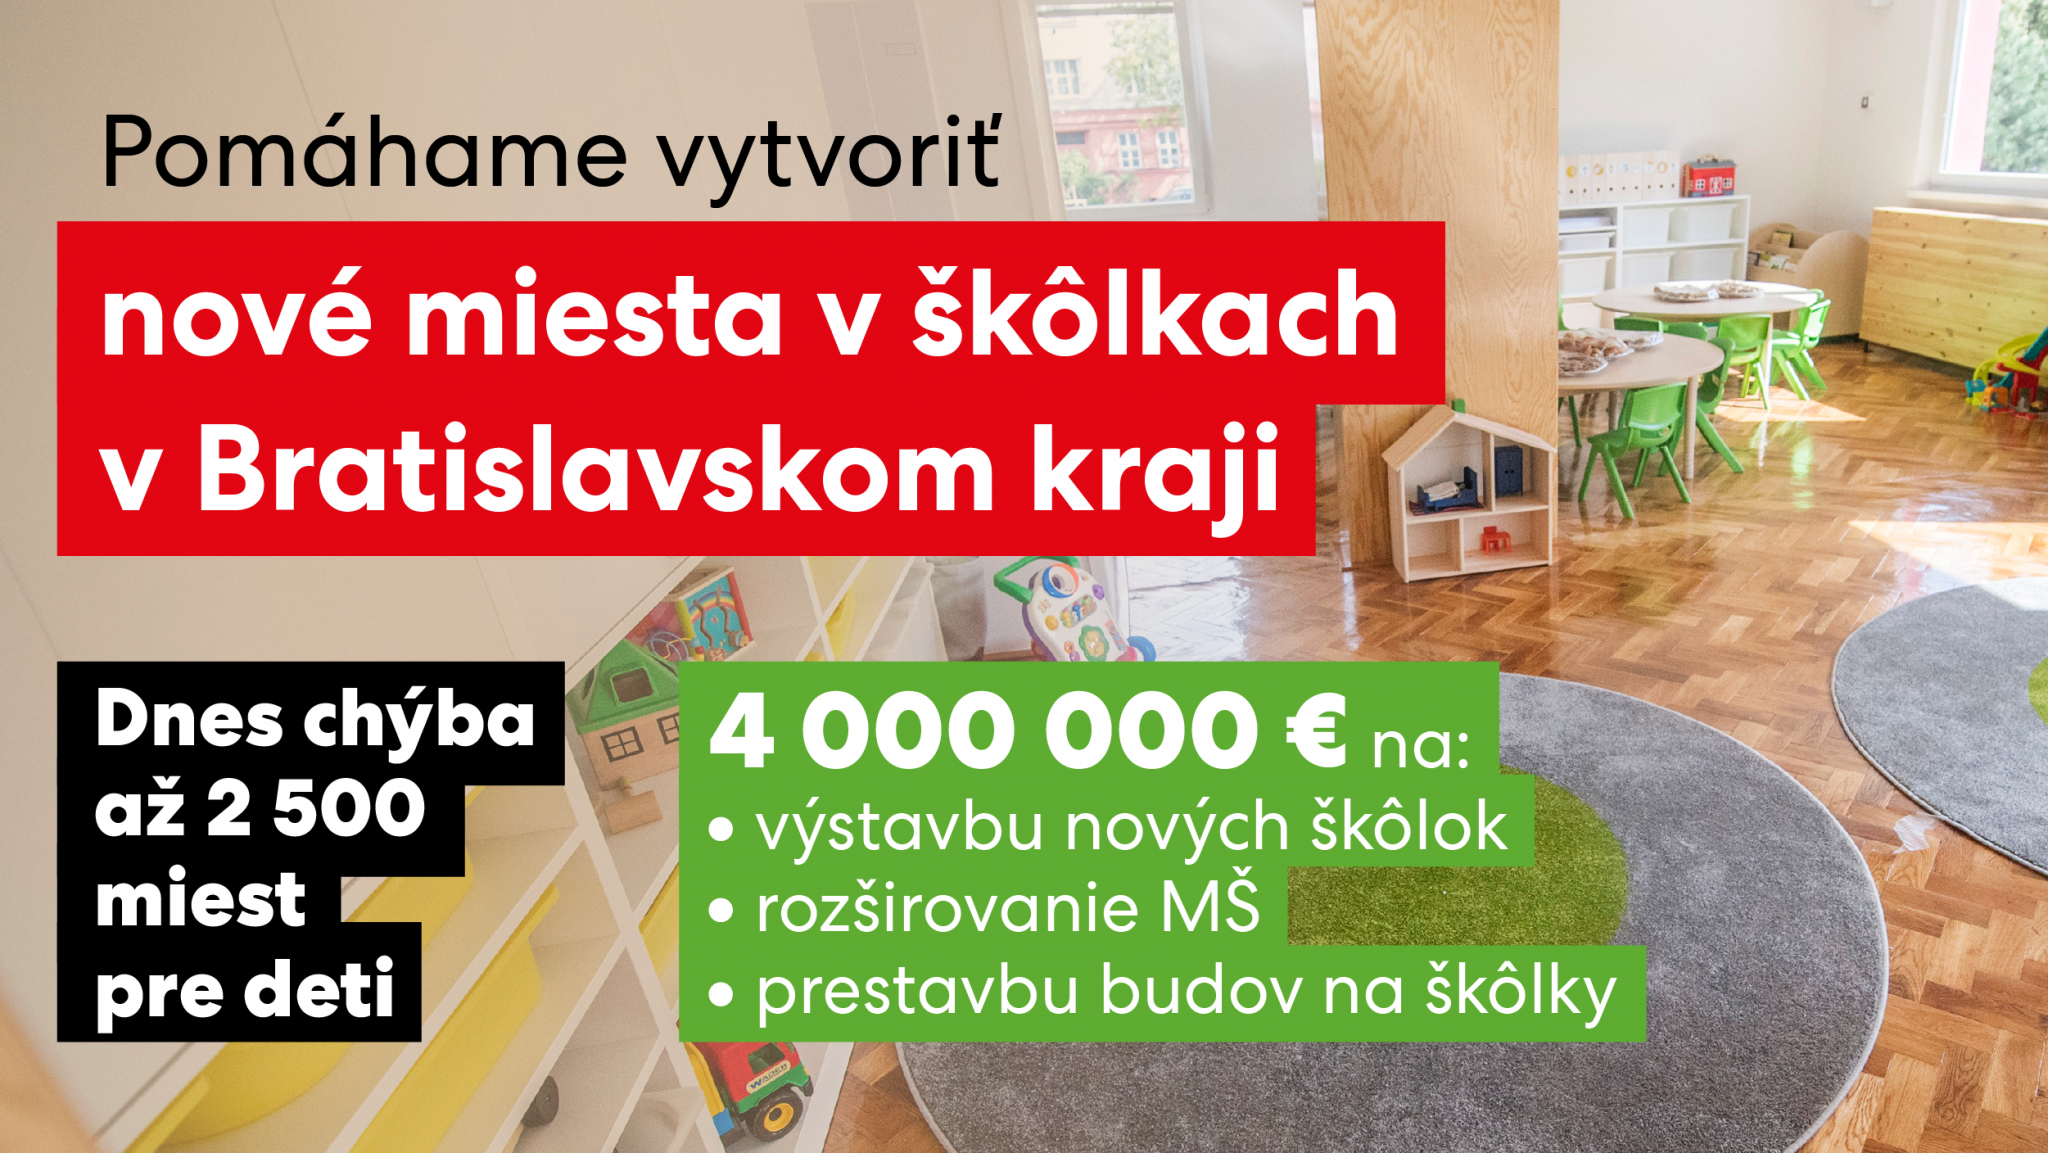 Vicepremiérka Remišová: Pomáhame škôlkam  v Bratislavskom kraji, na nové miesta pre deti idú 4 milióny eur